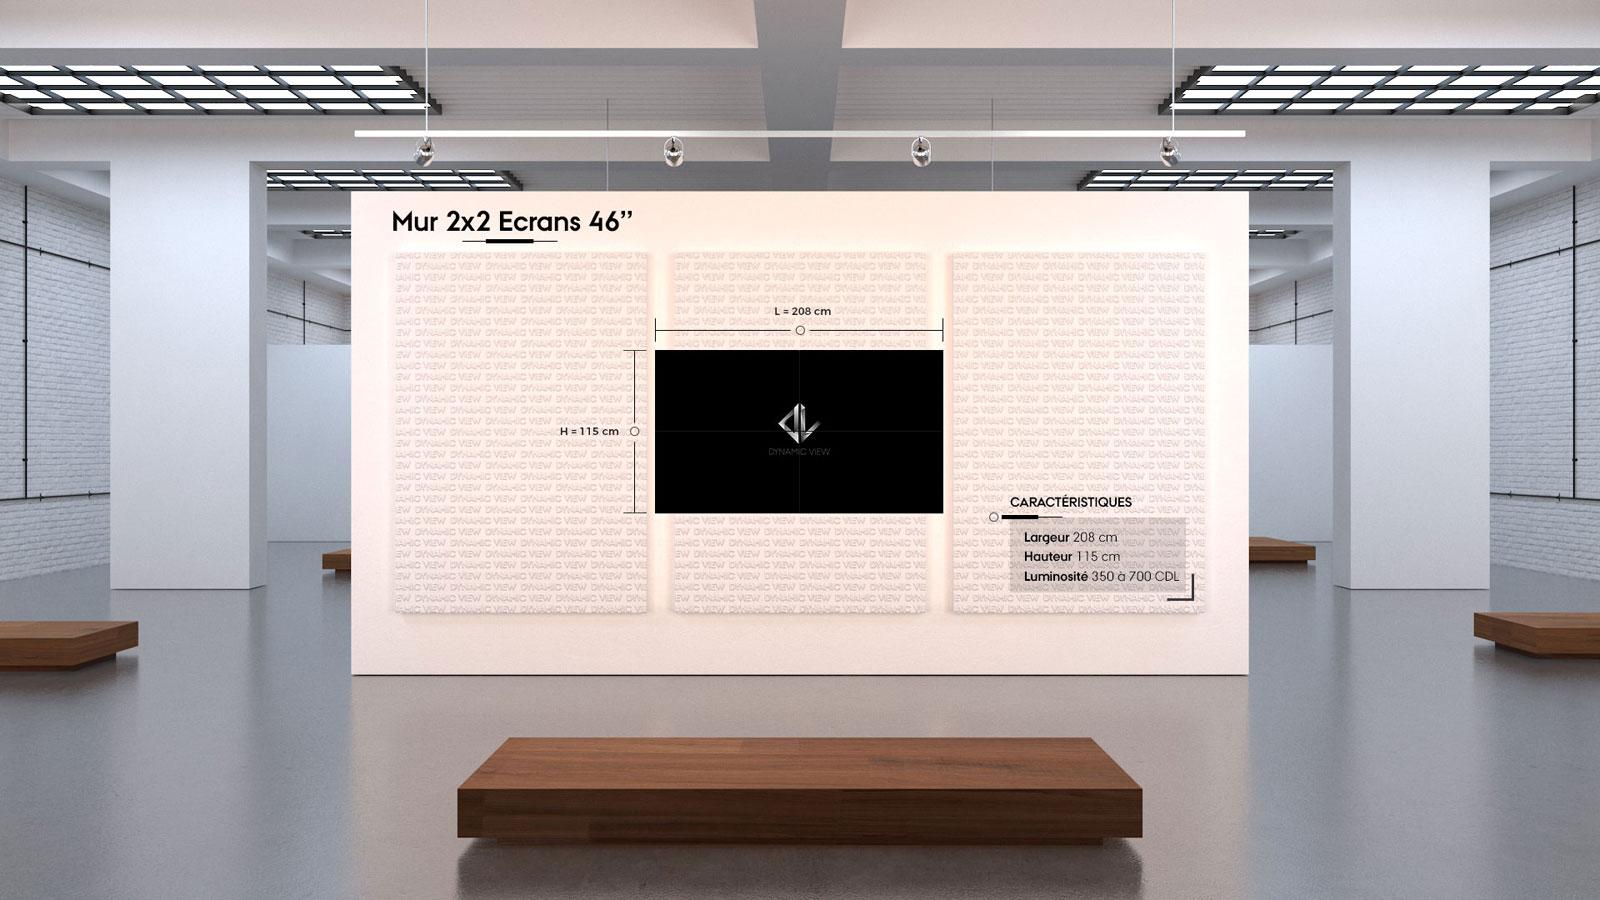 01 Mur 2x2 Ecrans 46''